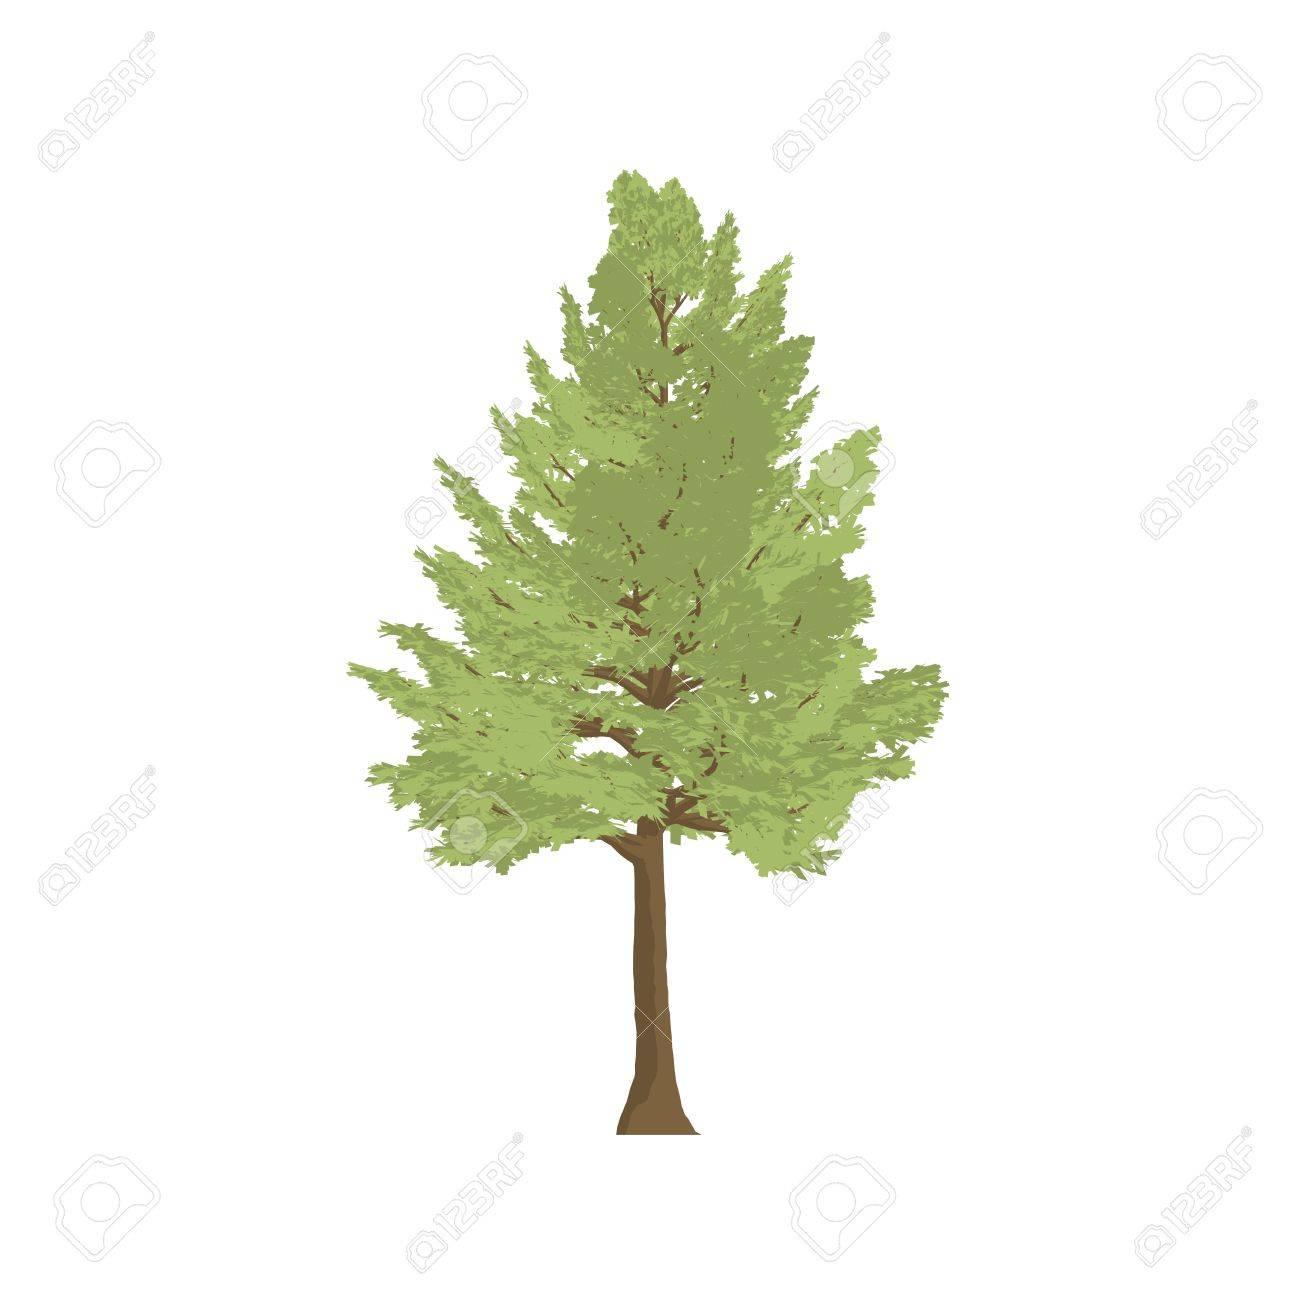 Madera De Cedro De Dibujos Animados Sombra De árboles Aislados En